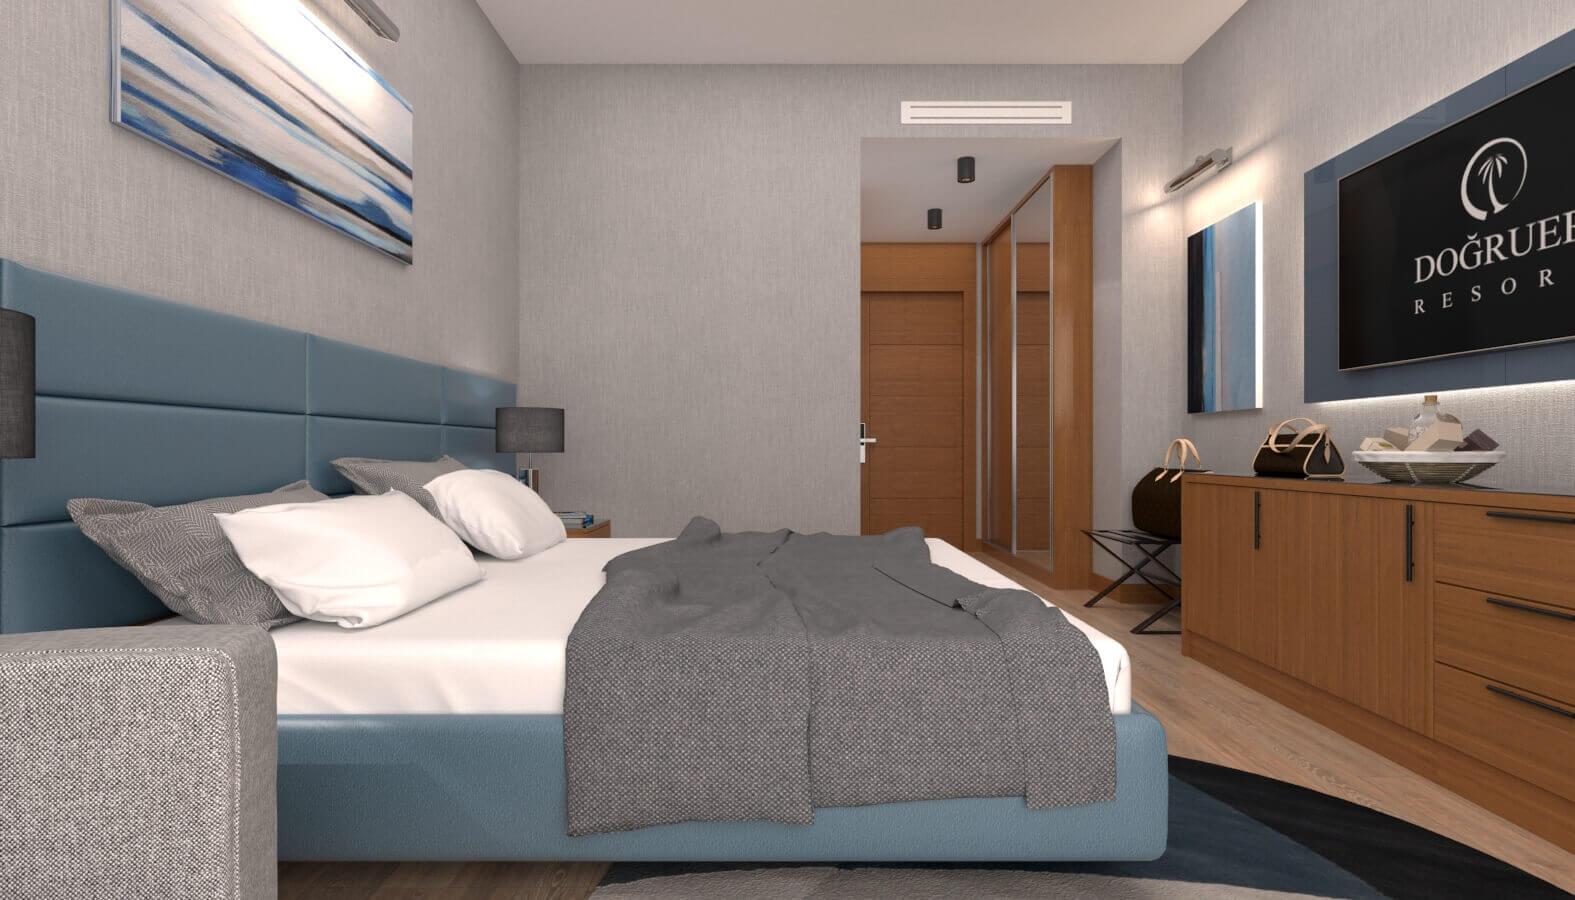 ankara otel mimar 3604 Doğruer hotel Oteller